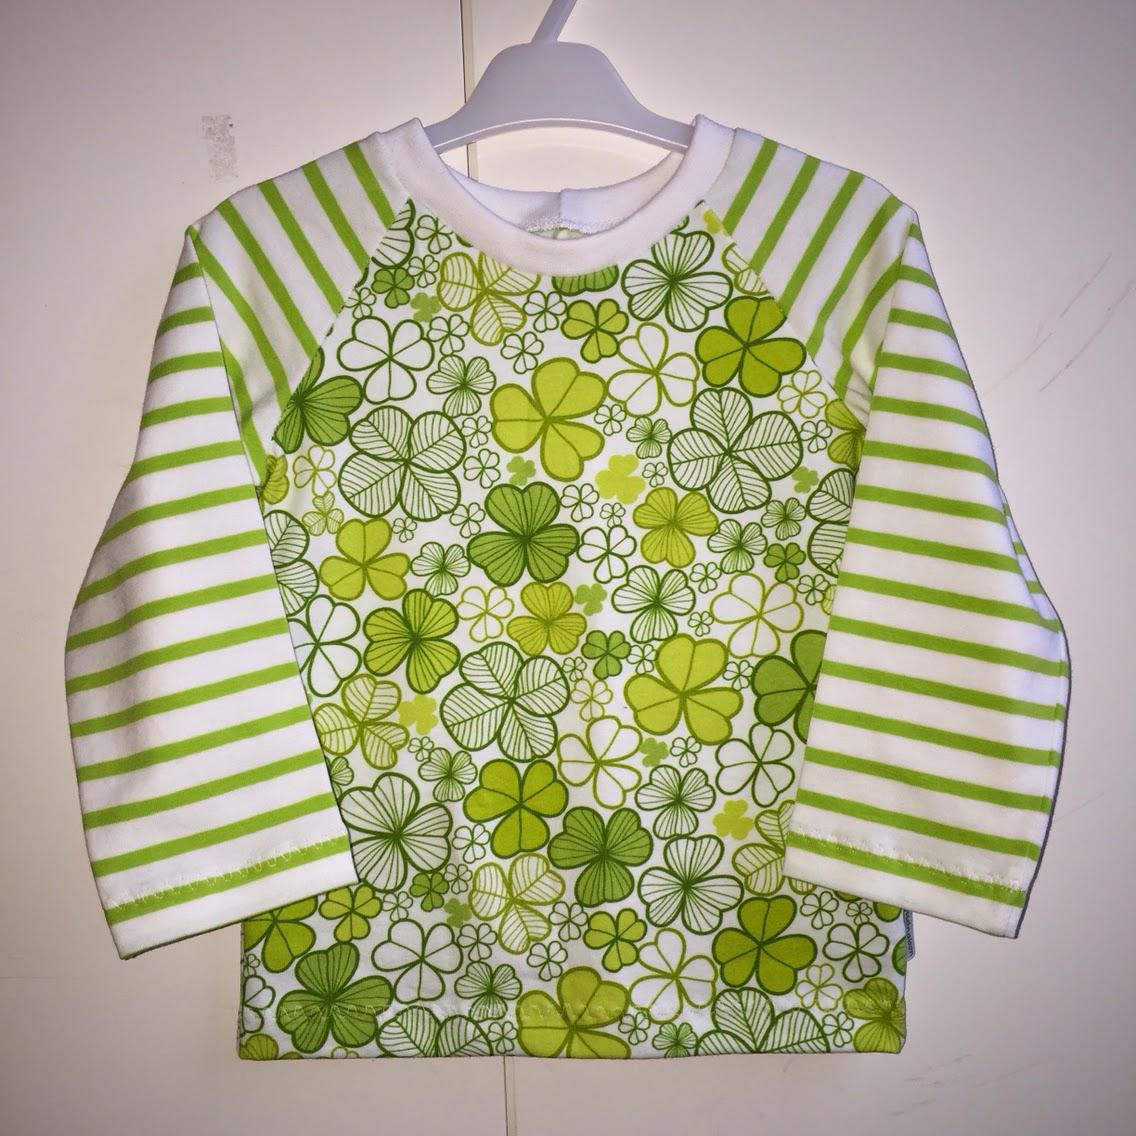 barnkläder sy raglantröja klövertyg jersey trikå